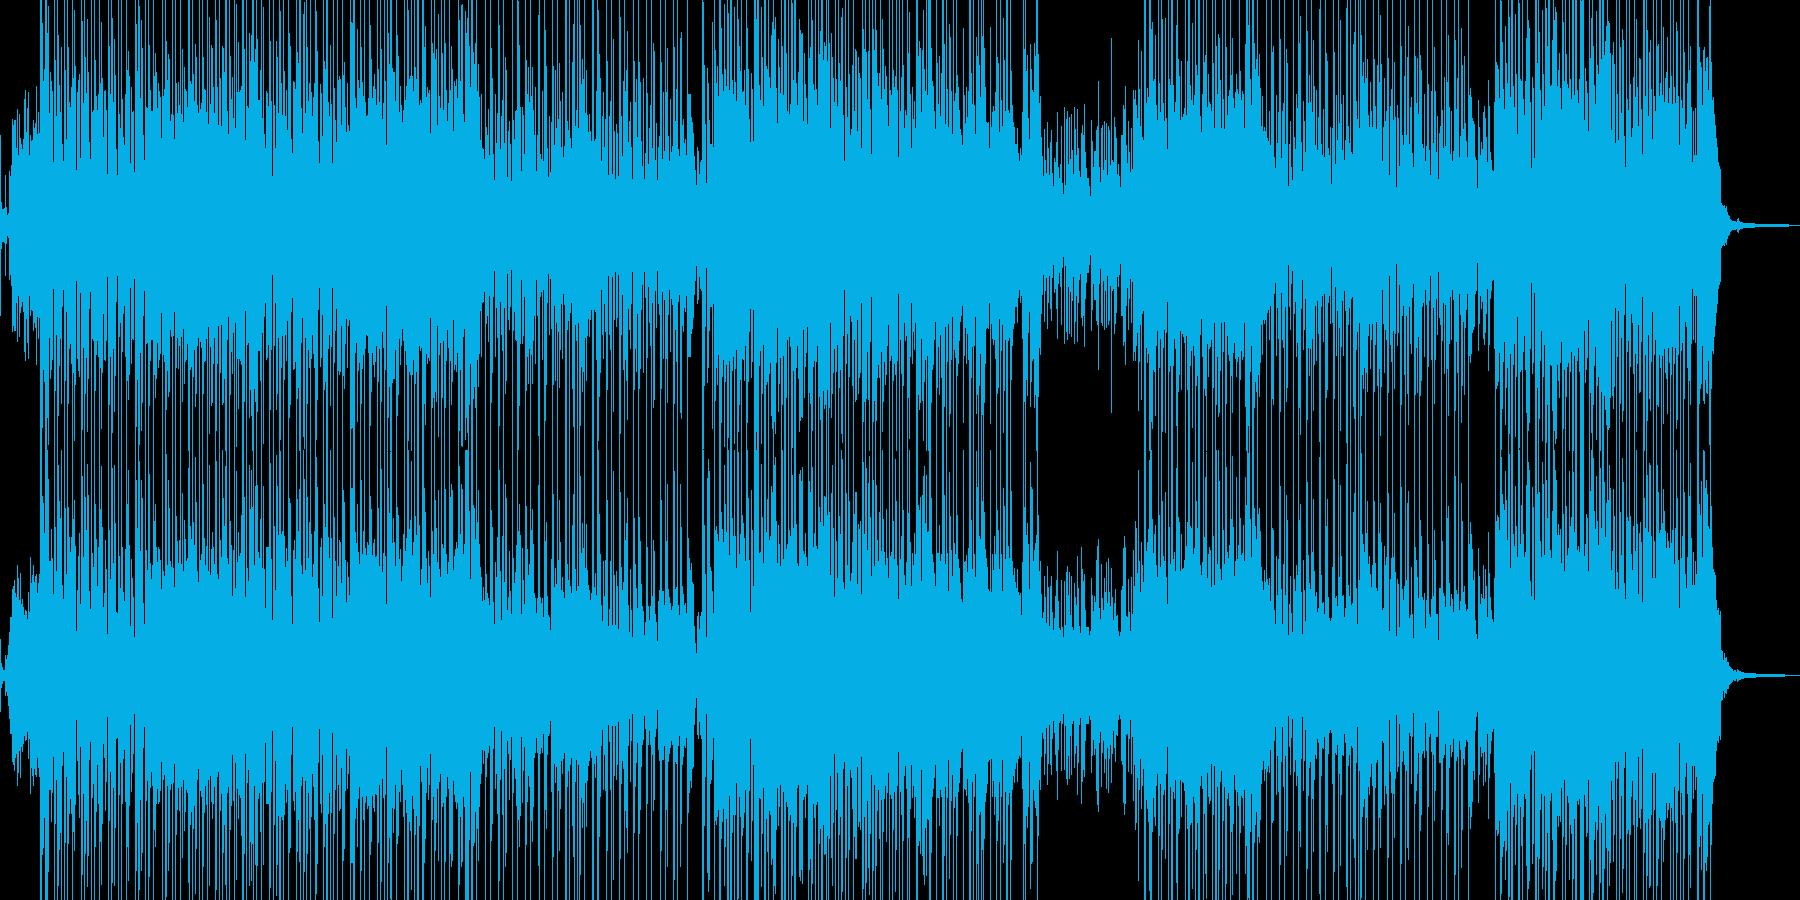 琴・尺八・レトロな演歌調ポップの再生済みの波形